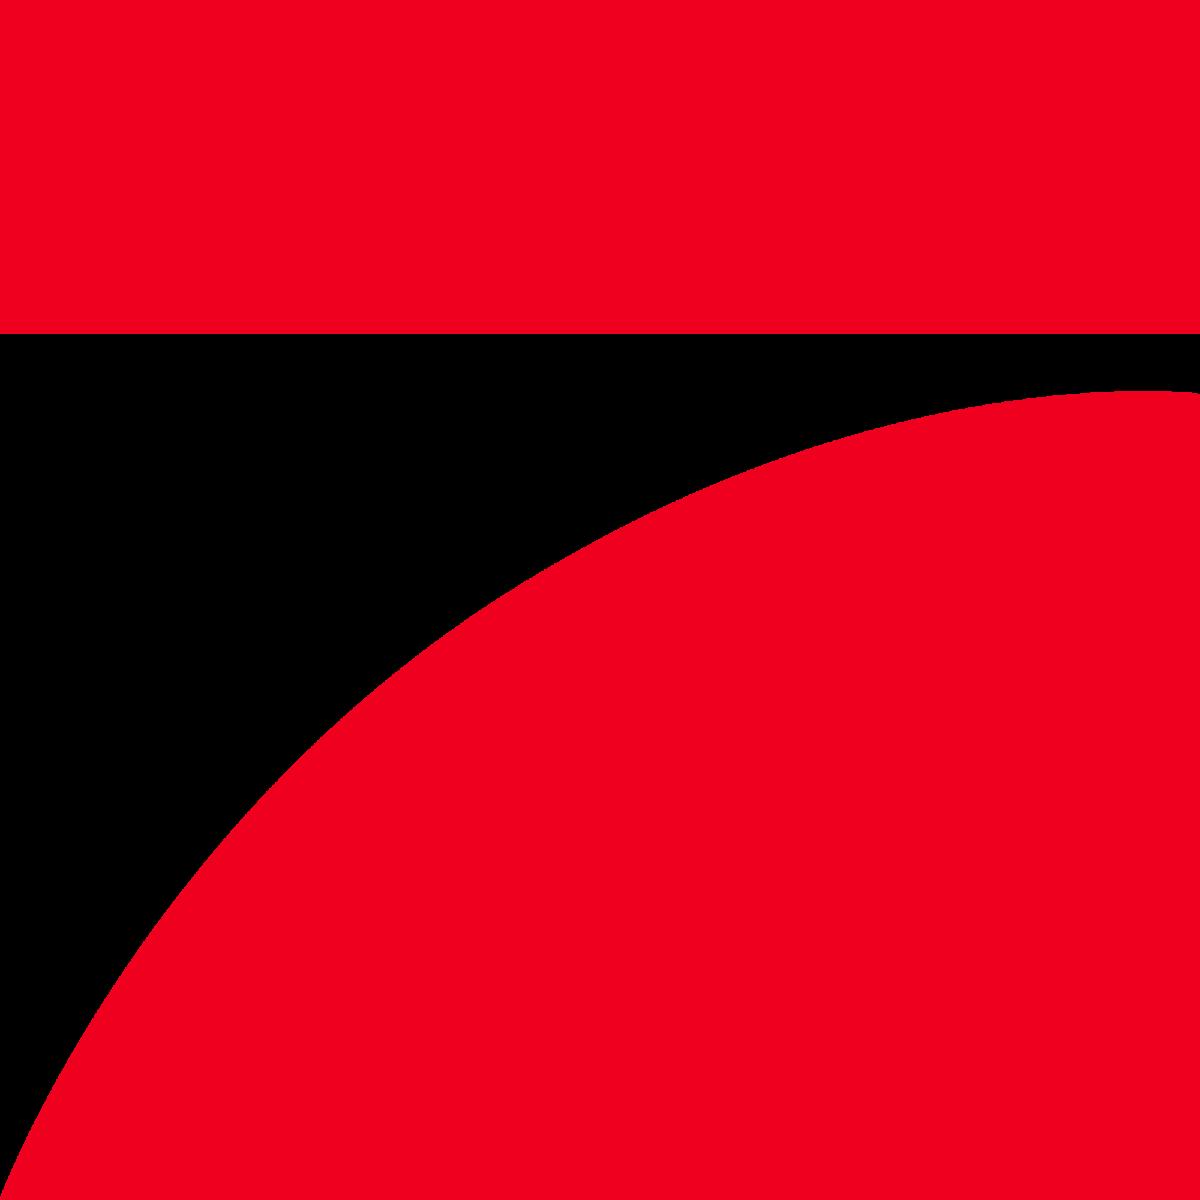 Prossieben